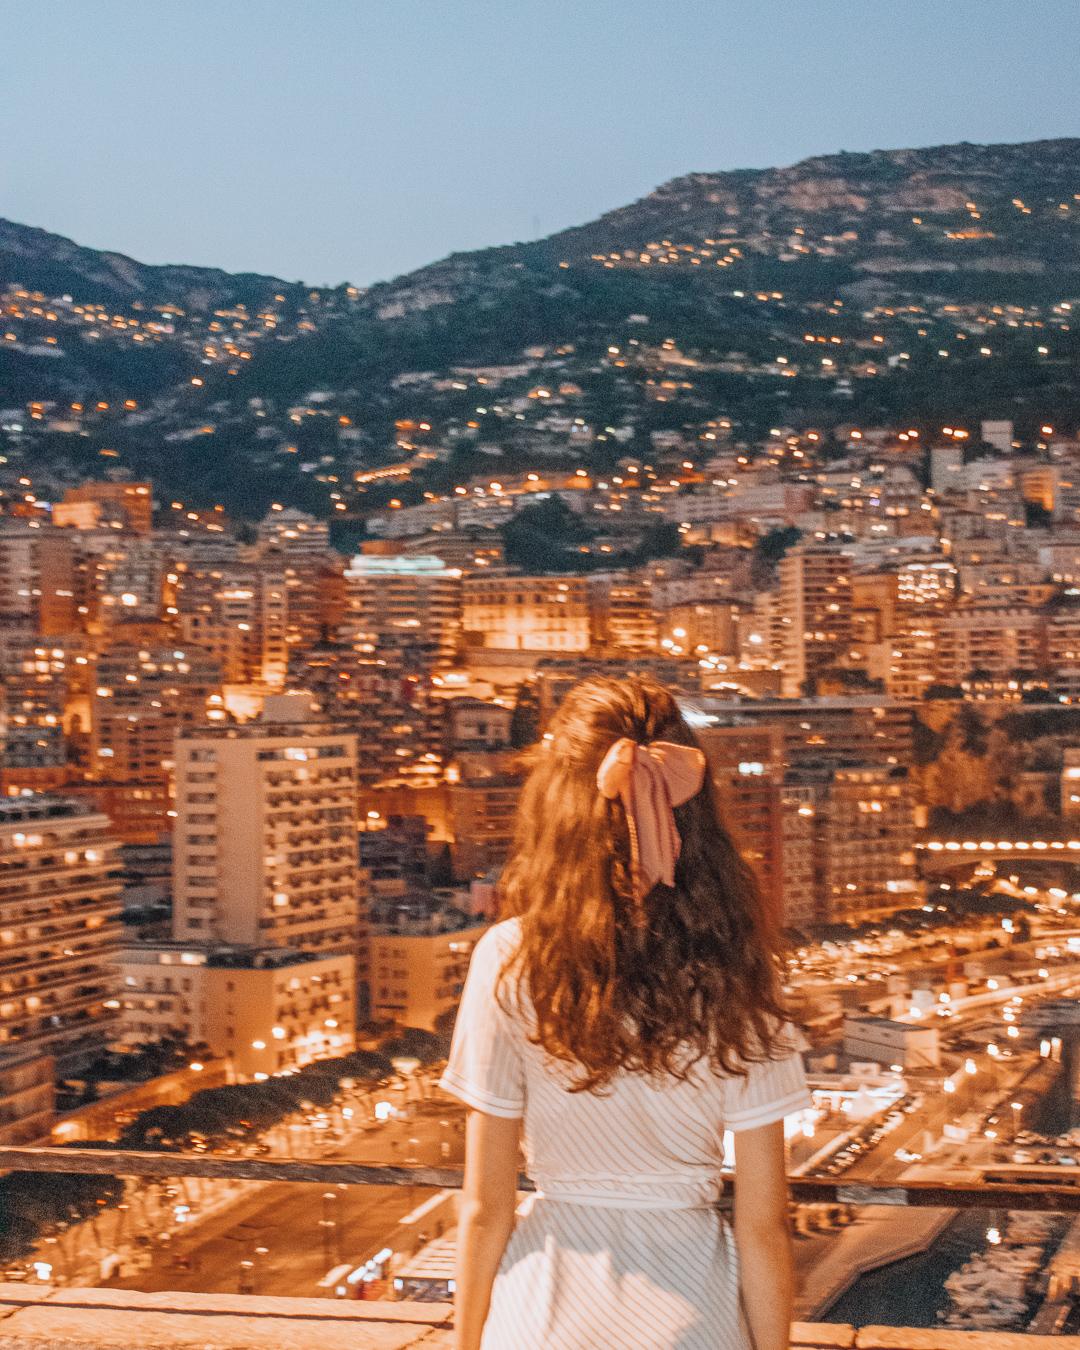 Girl in Monaco in the evening